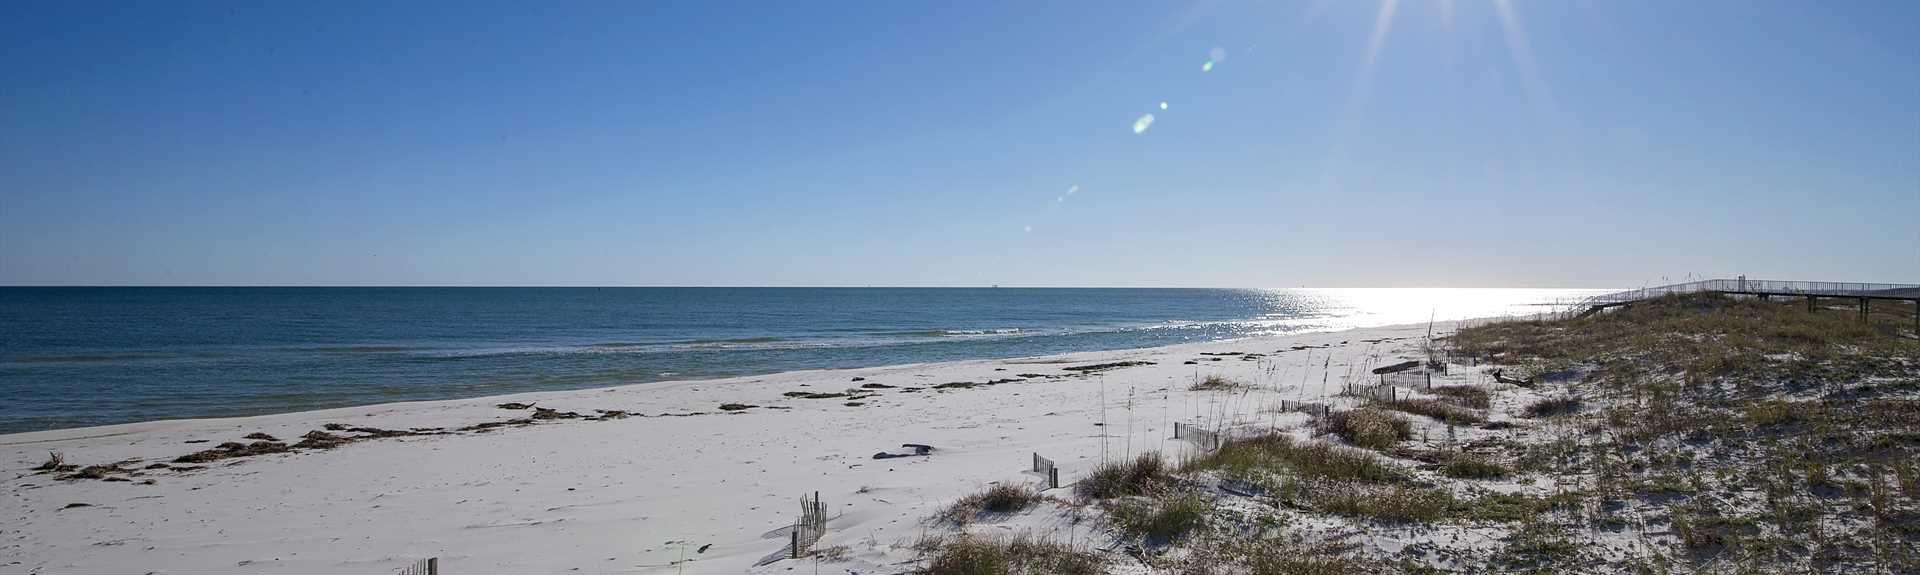 Tradewinds, Orange Beach, AL, USA